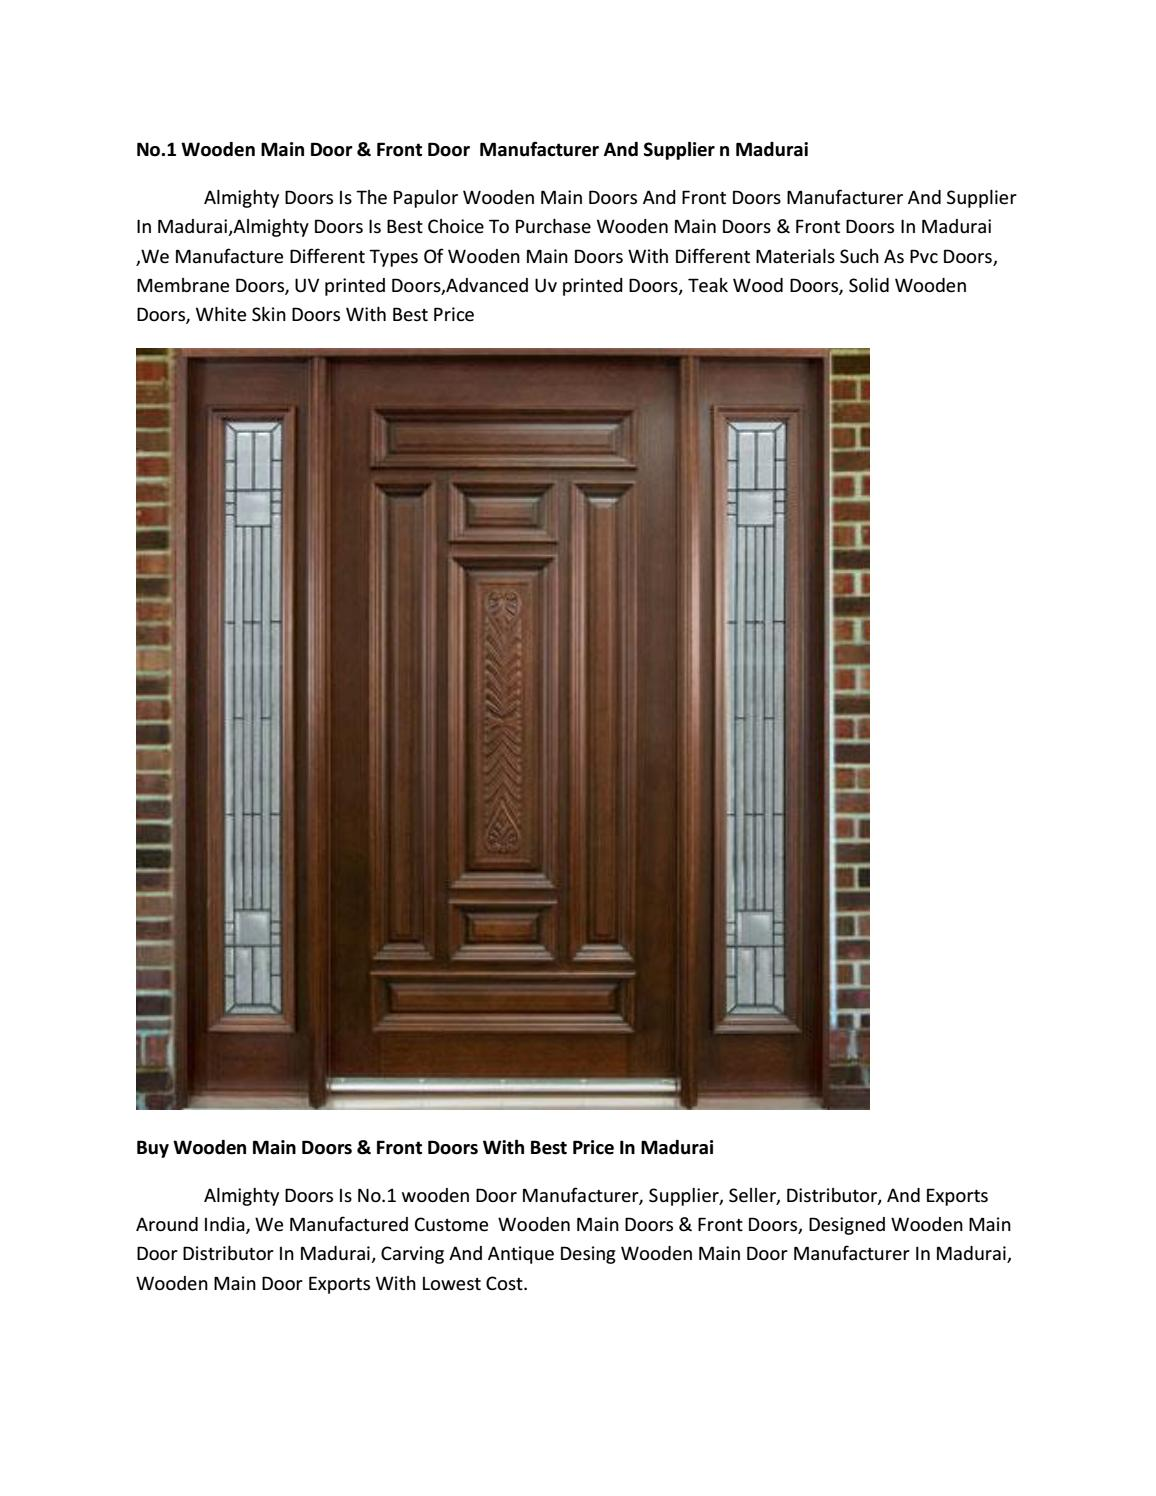 No 1 Wooden Main Door Front Door Manufacturer And Supplier